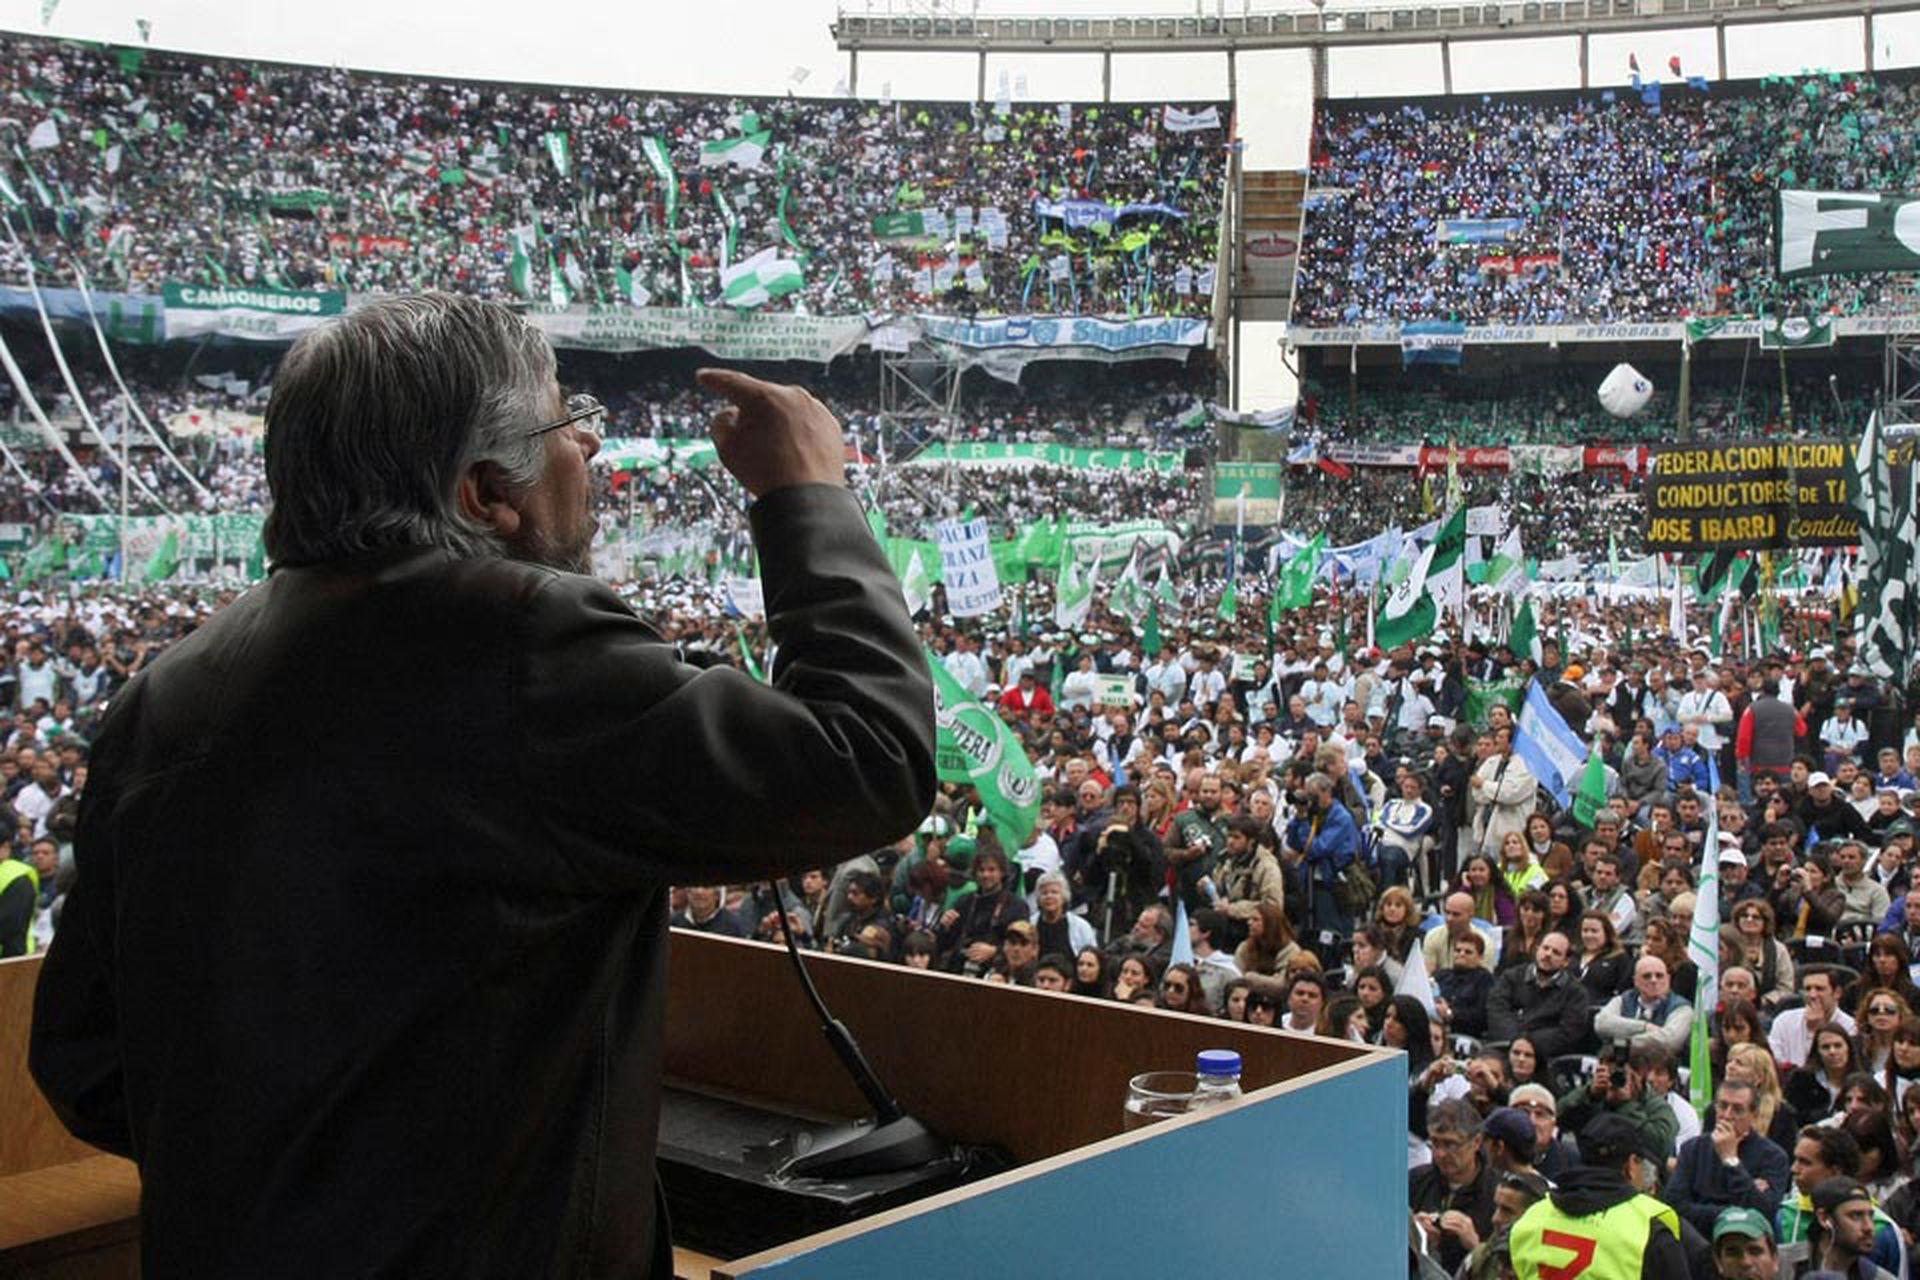 """El 17 de octubre de 2010, en el estadio de River, ante Néstor y Cristina Kirchner, Moyano presionó para que """"un trabajador llegue a la Casa Rosada""""; fue el comienzo de la crisis con la actual vicepresidenta"""